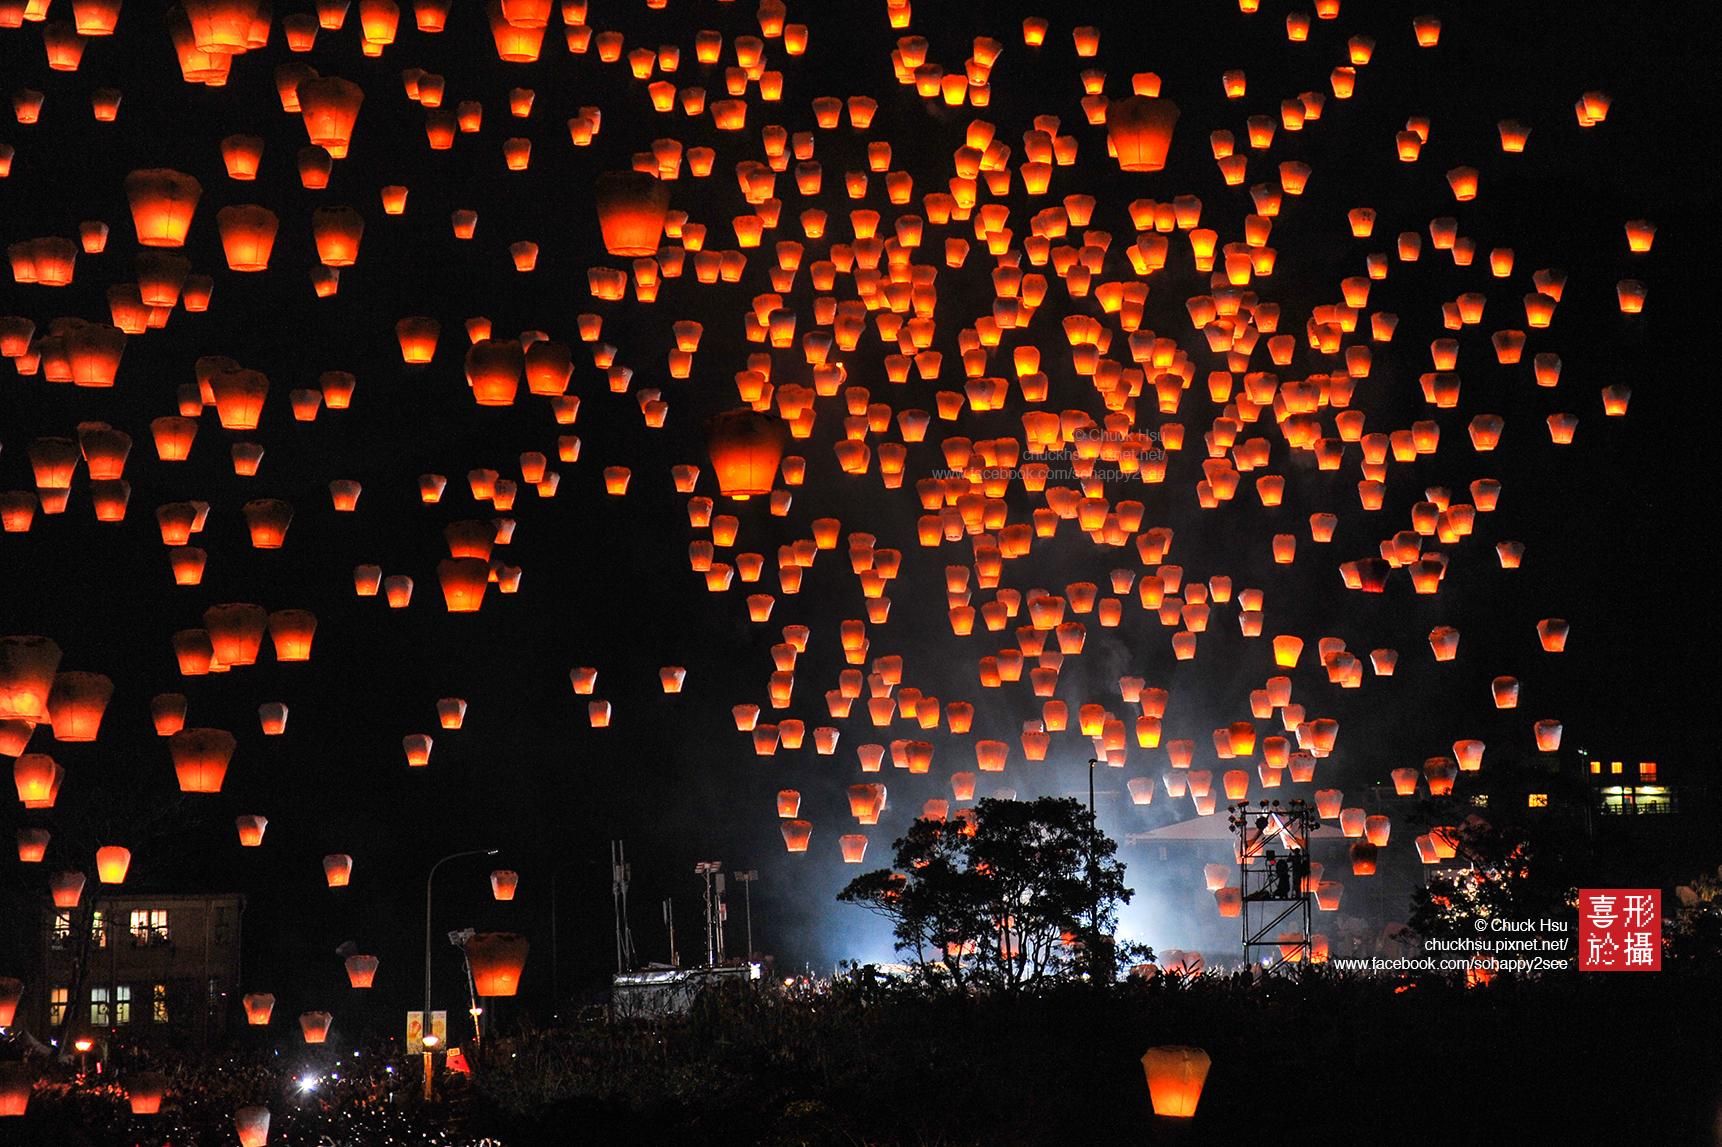 平溪天燈 Sky Lantern Taipei